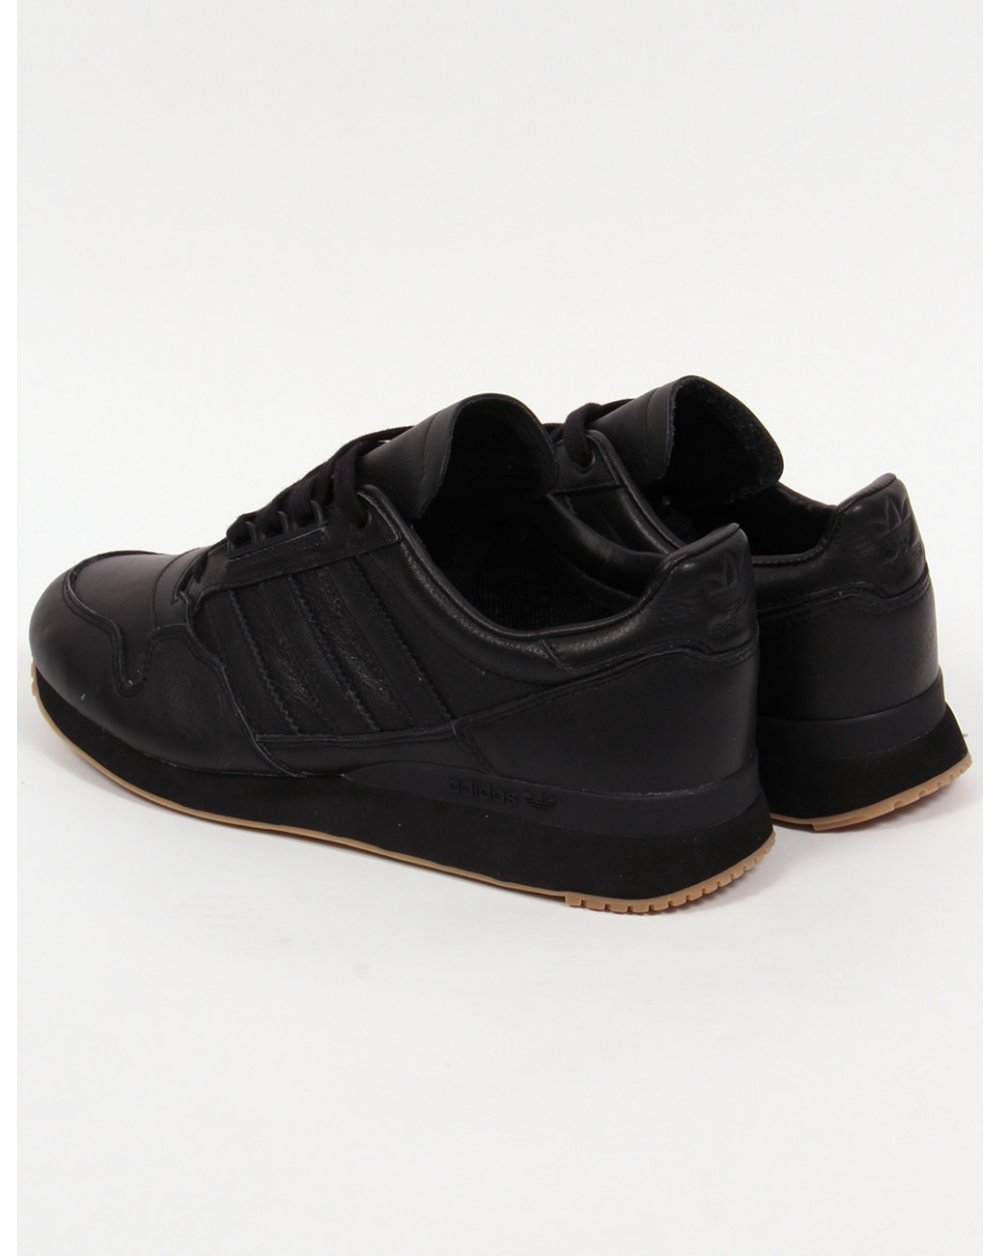 Cuero Negro Adidas Zx 500 Og 2hJch6a